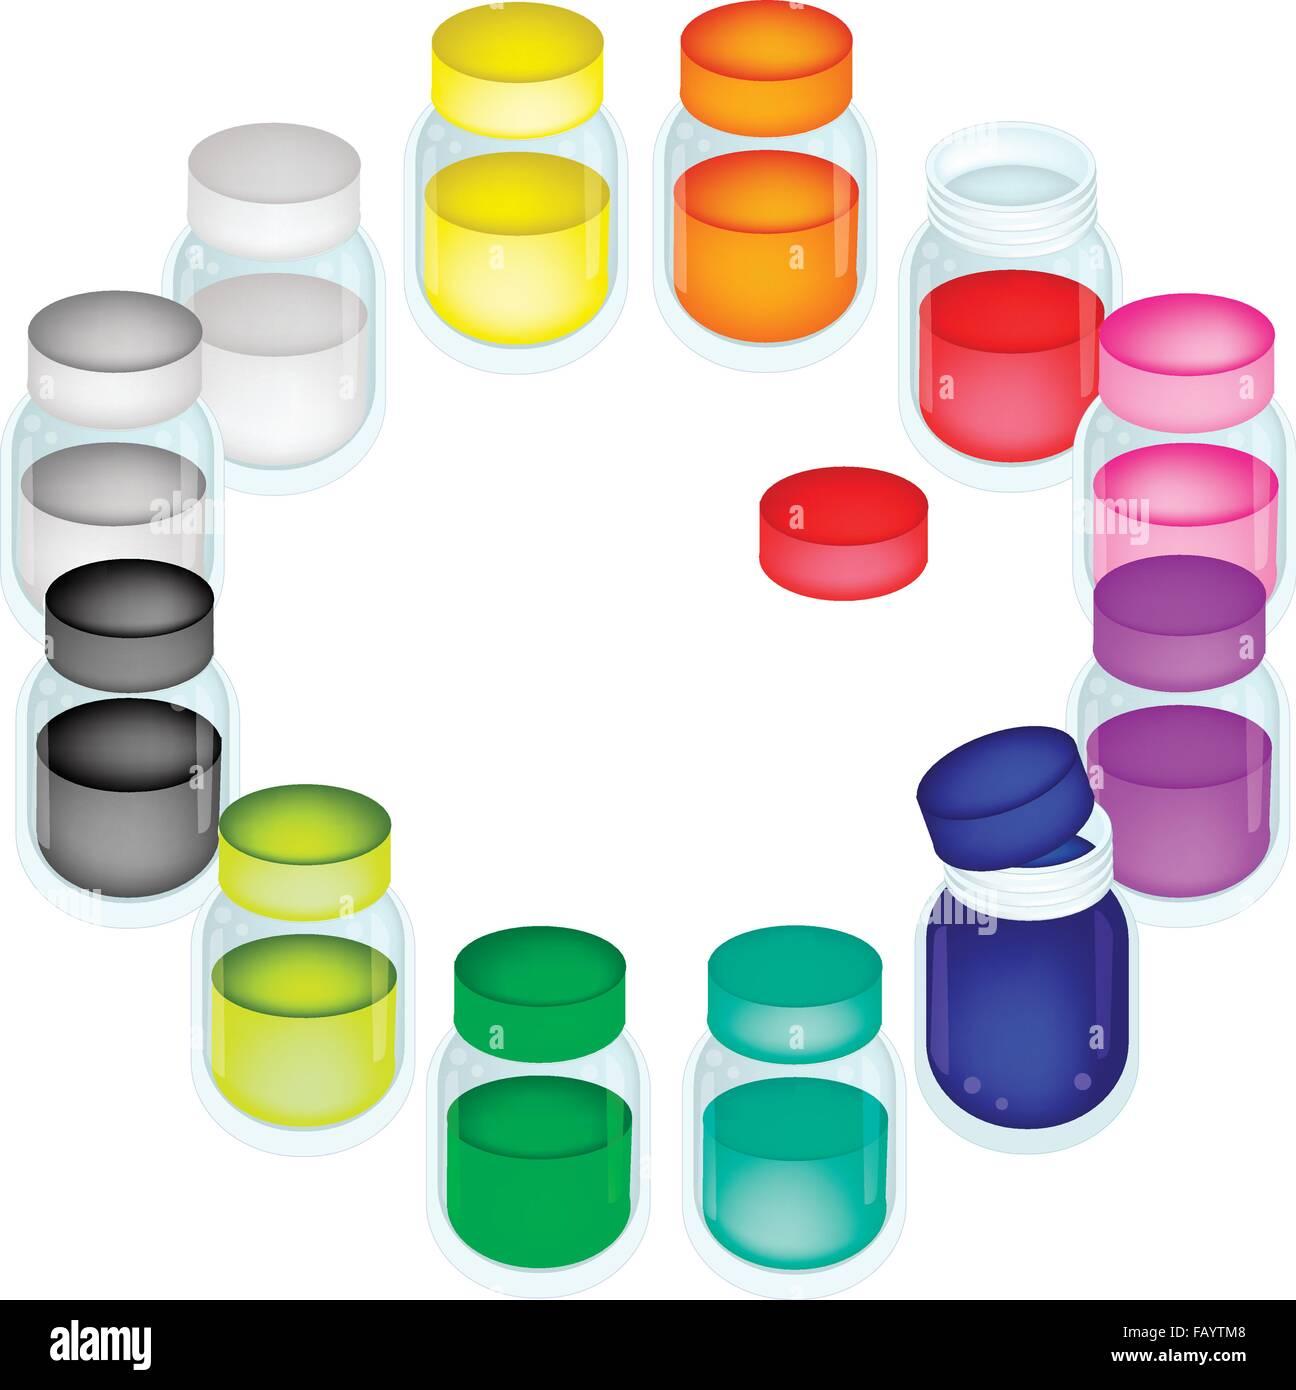 une collection de douze pots de peinture de couleur pour. Black Bedroom Furniture Sets. Home Design Ideas